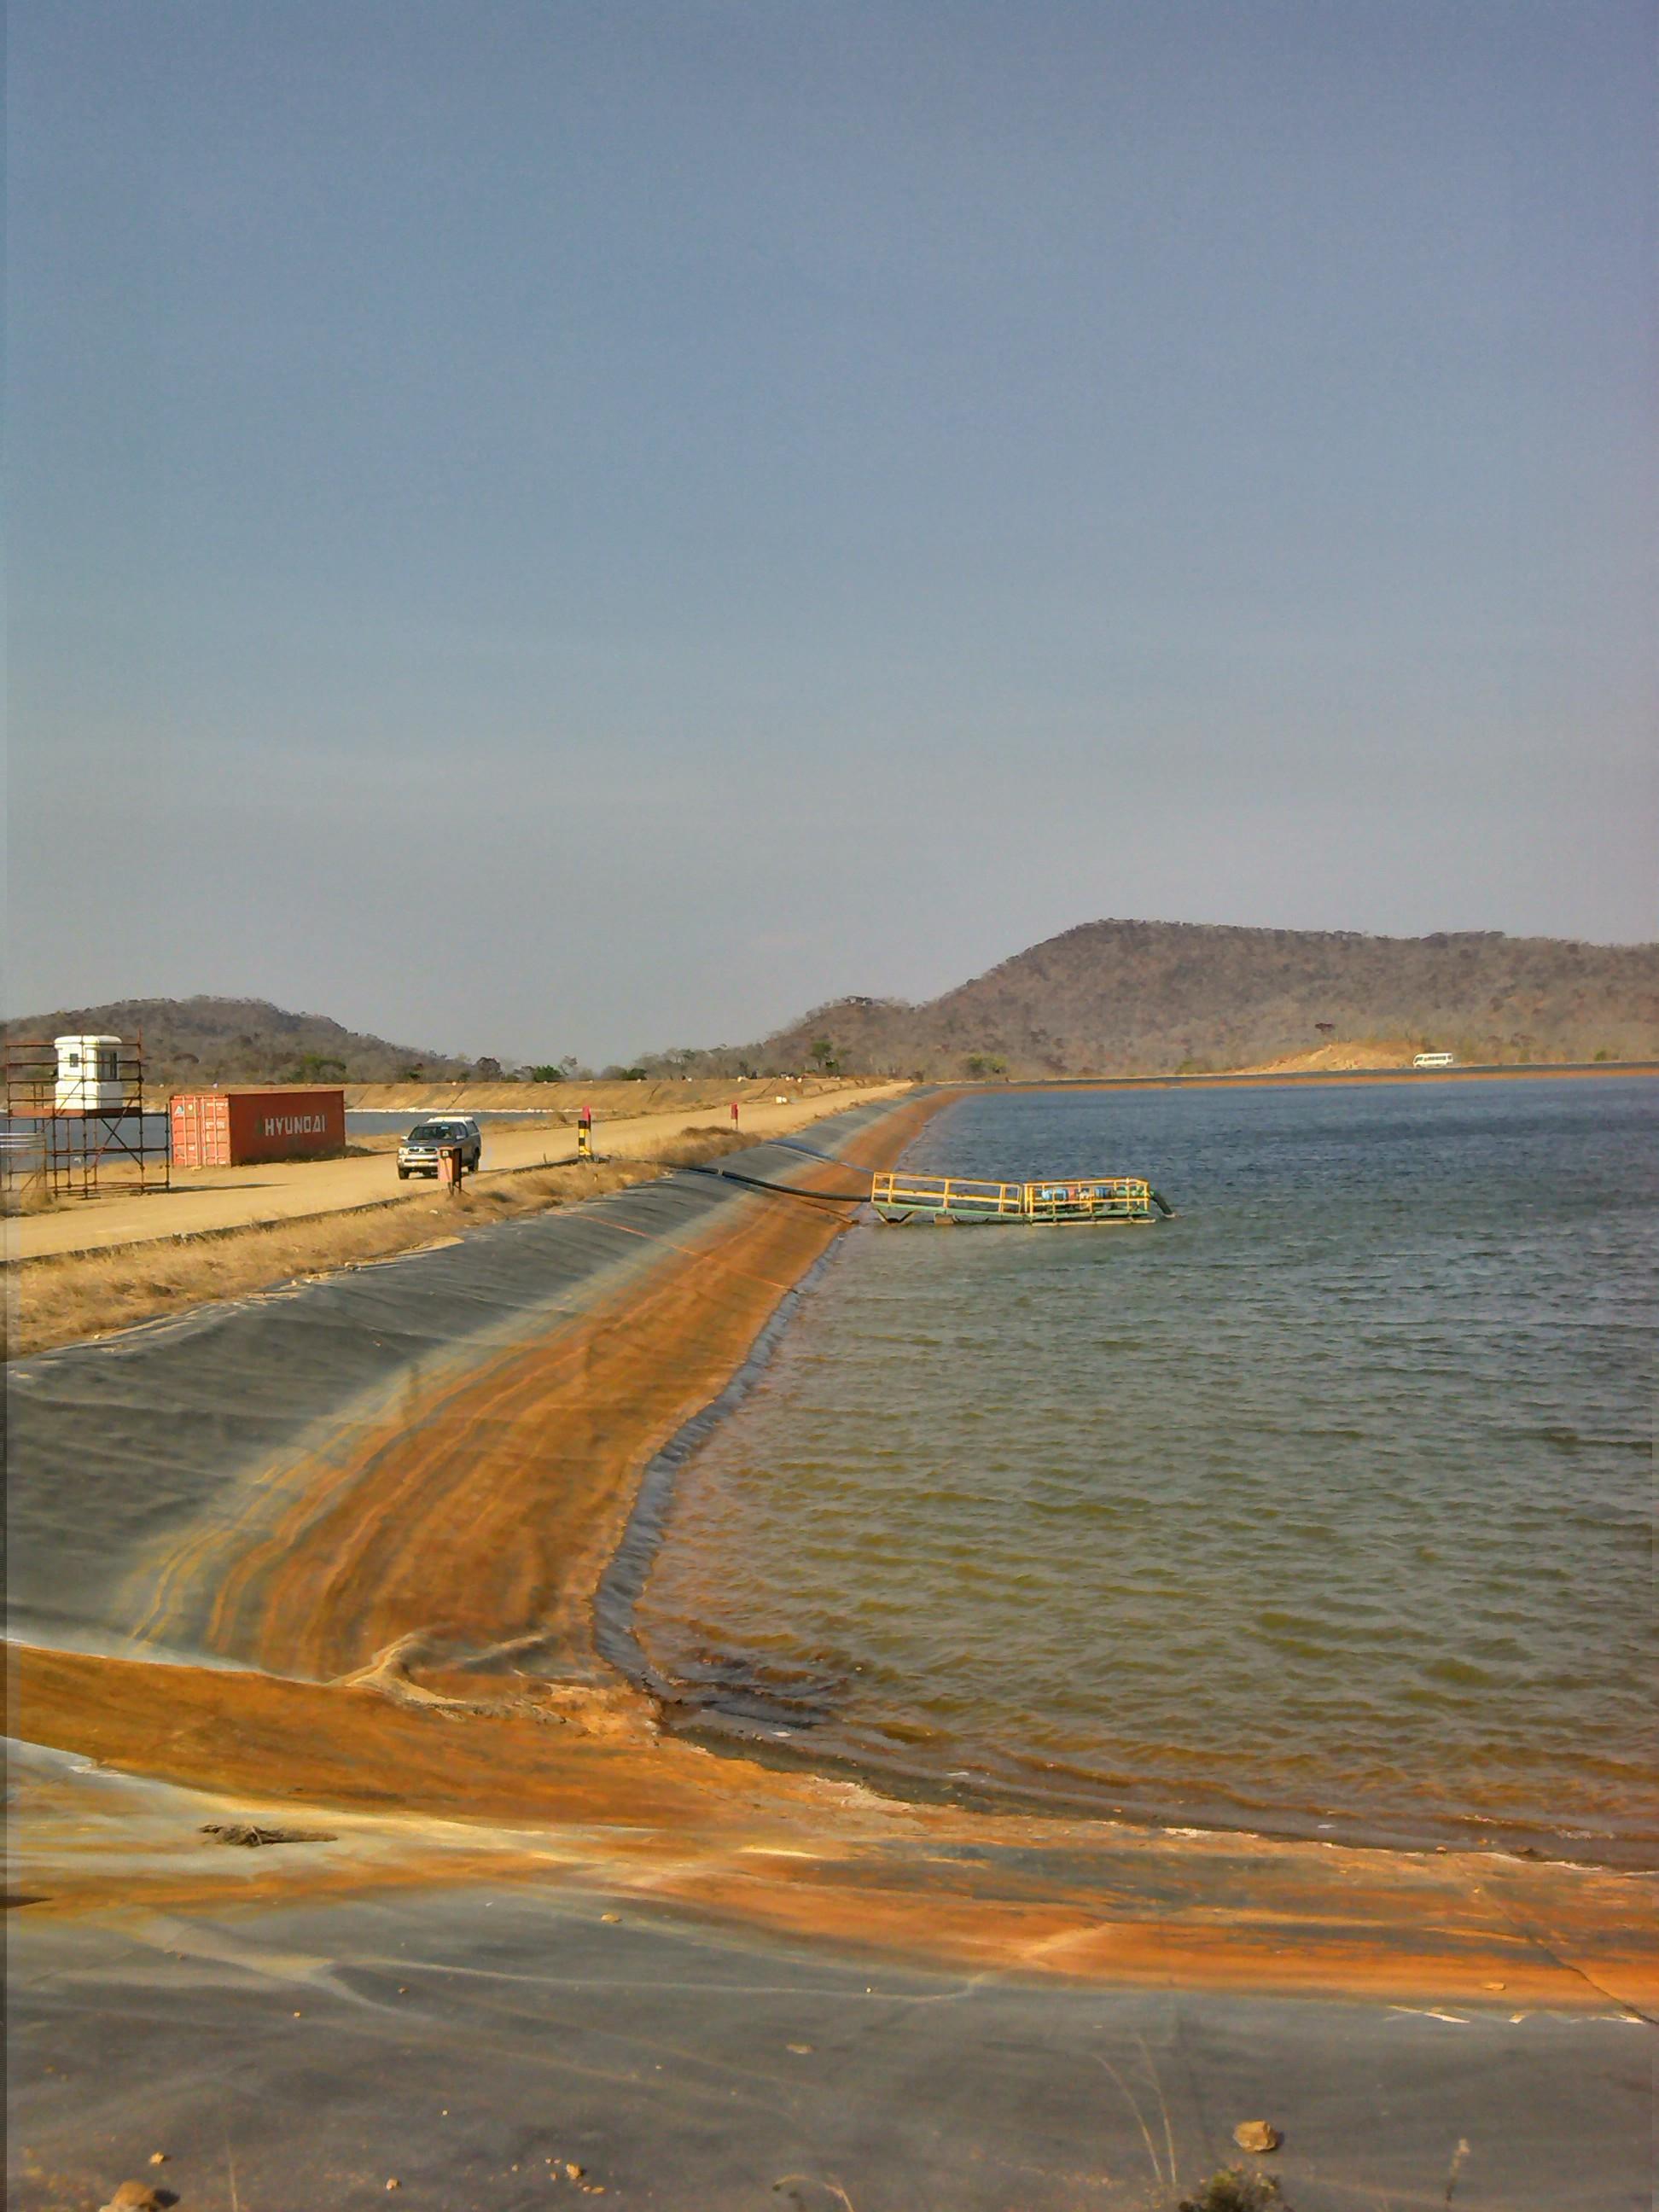 Kayelekera Uranium Mine Tailings Storage Facility